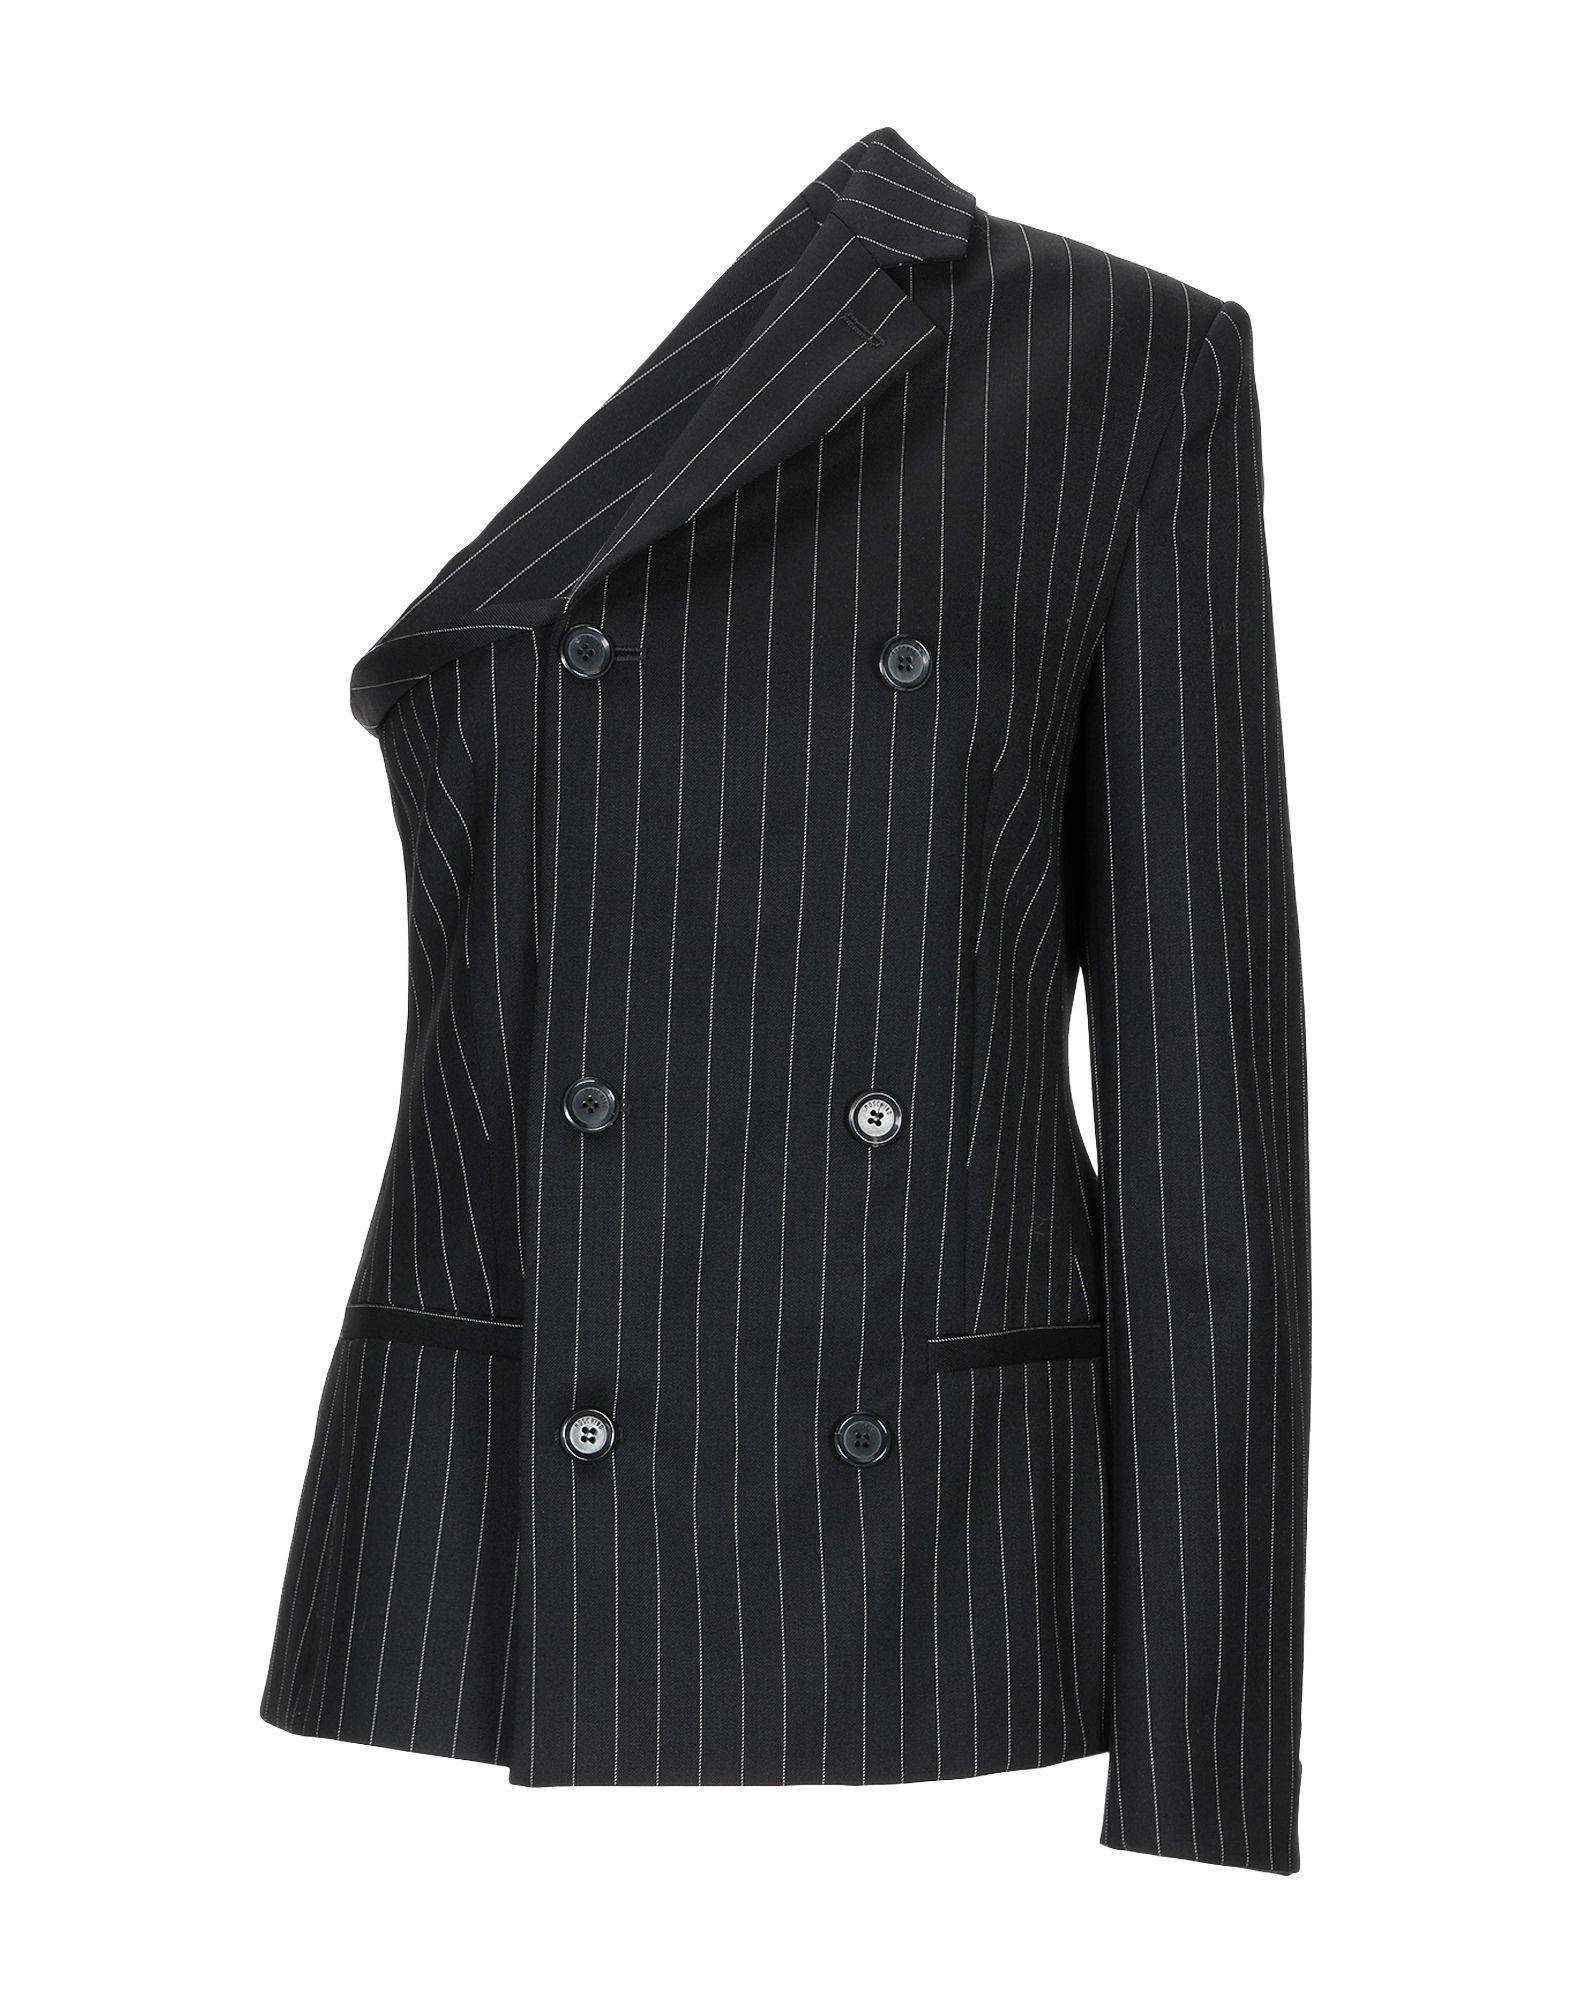 MOSCHINO Пиджак шерстяной пиджак мужской купить в москве